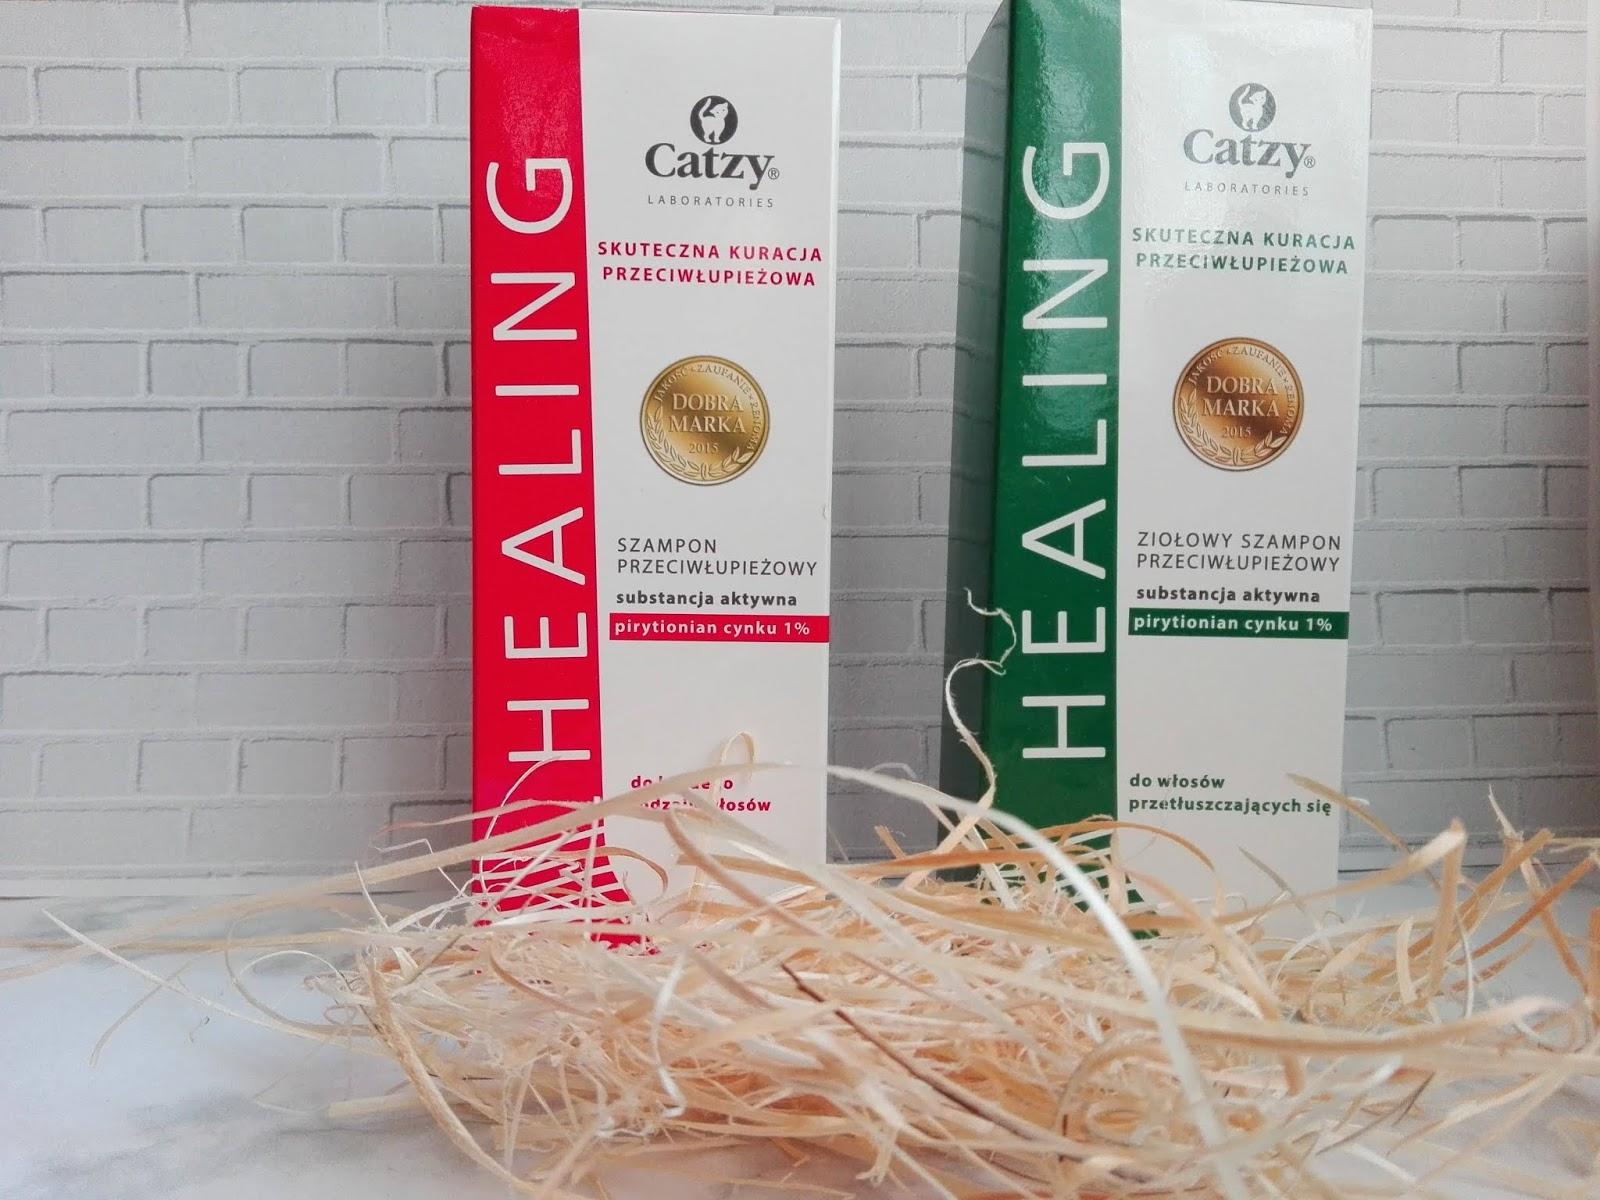 Healing Shampoo / Catzy